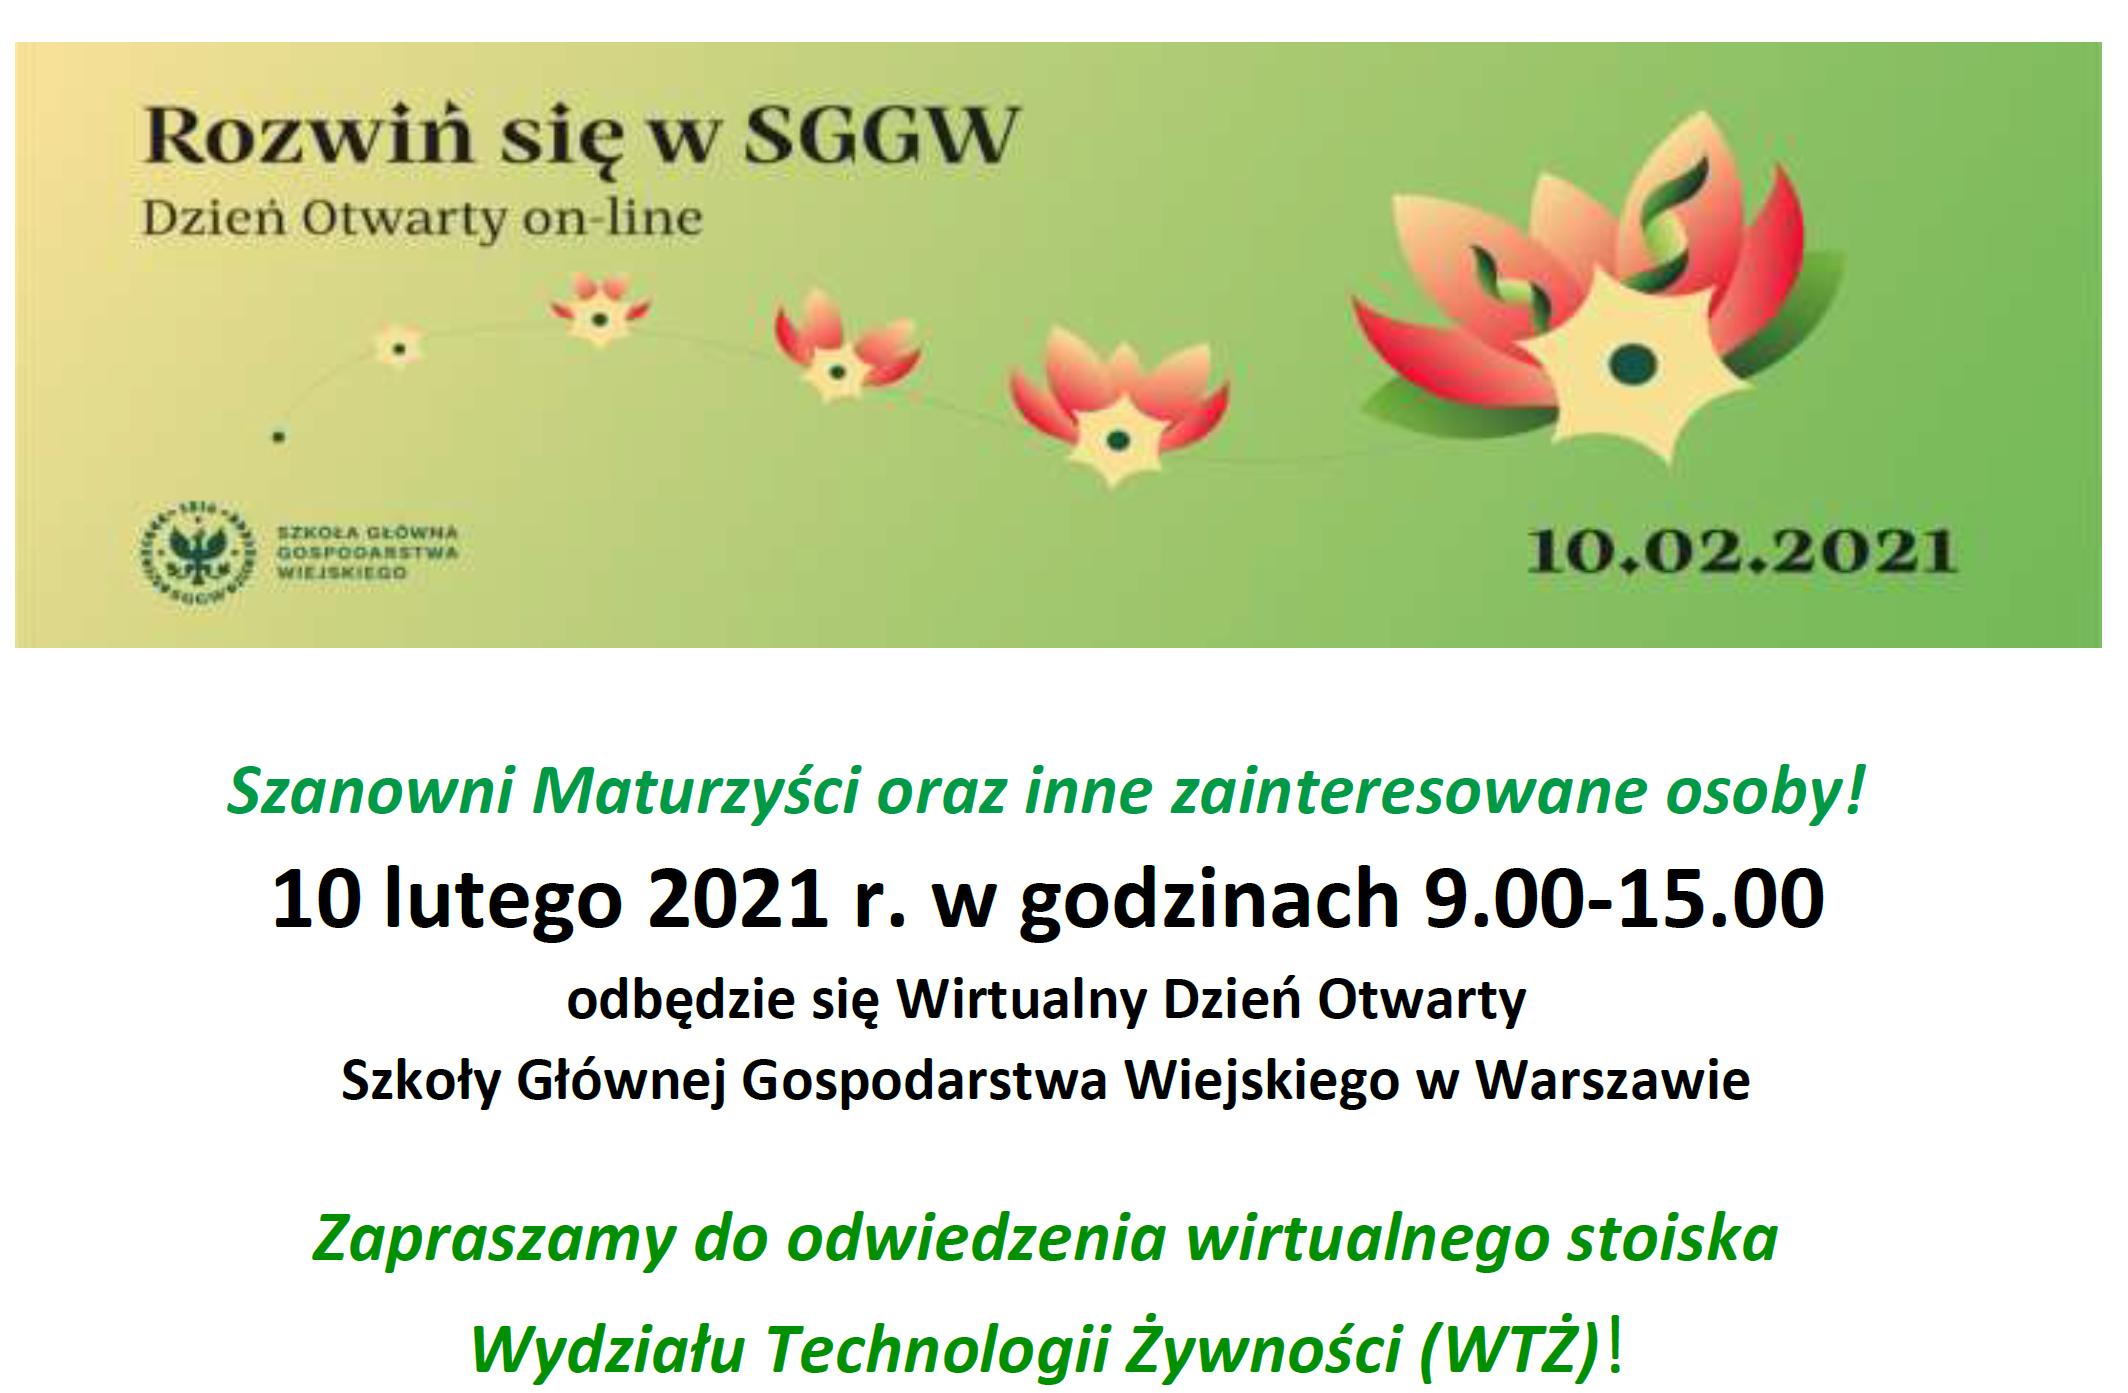 Wirtualny Dzień Otwarty Szkoły Głównej Gospodarstwa Wiejskiego w Warszawie